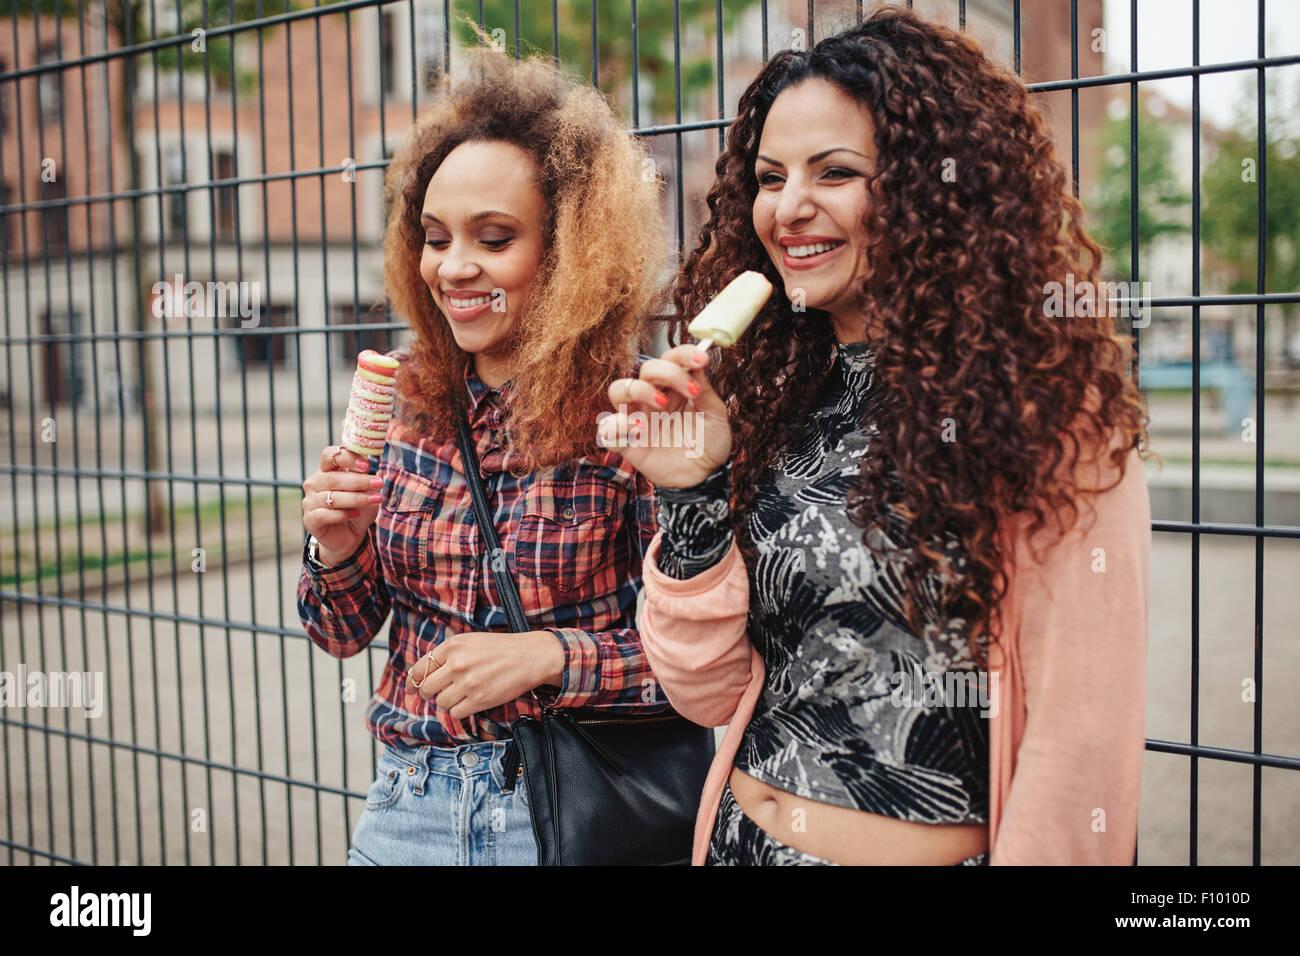 Cheerful young girls eating candy ice cream. Deux jeunes femmes se tenant debout contre une clôture, souriant à Banque D'Images